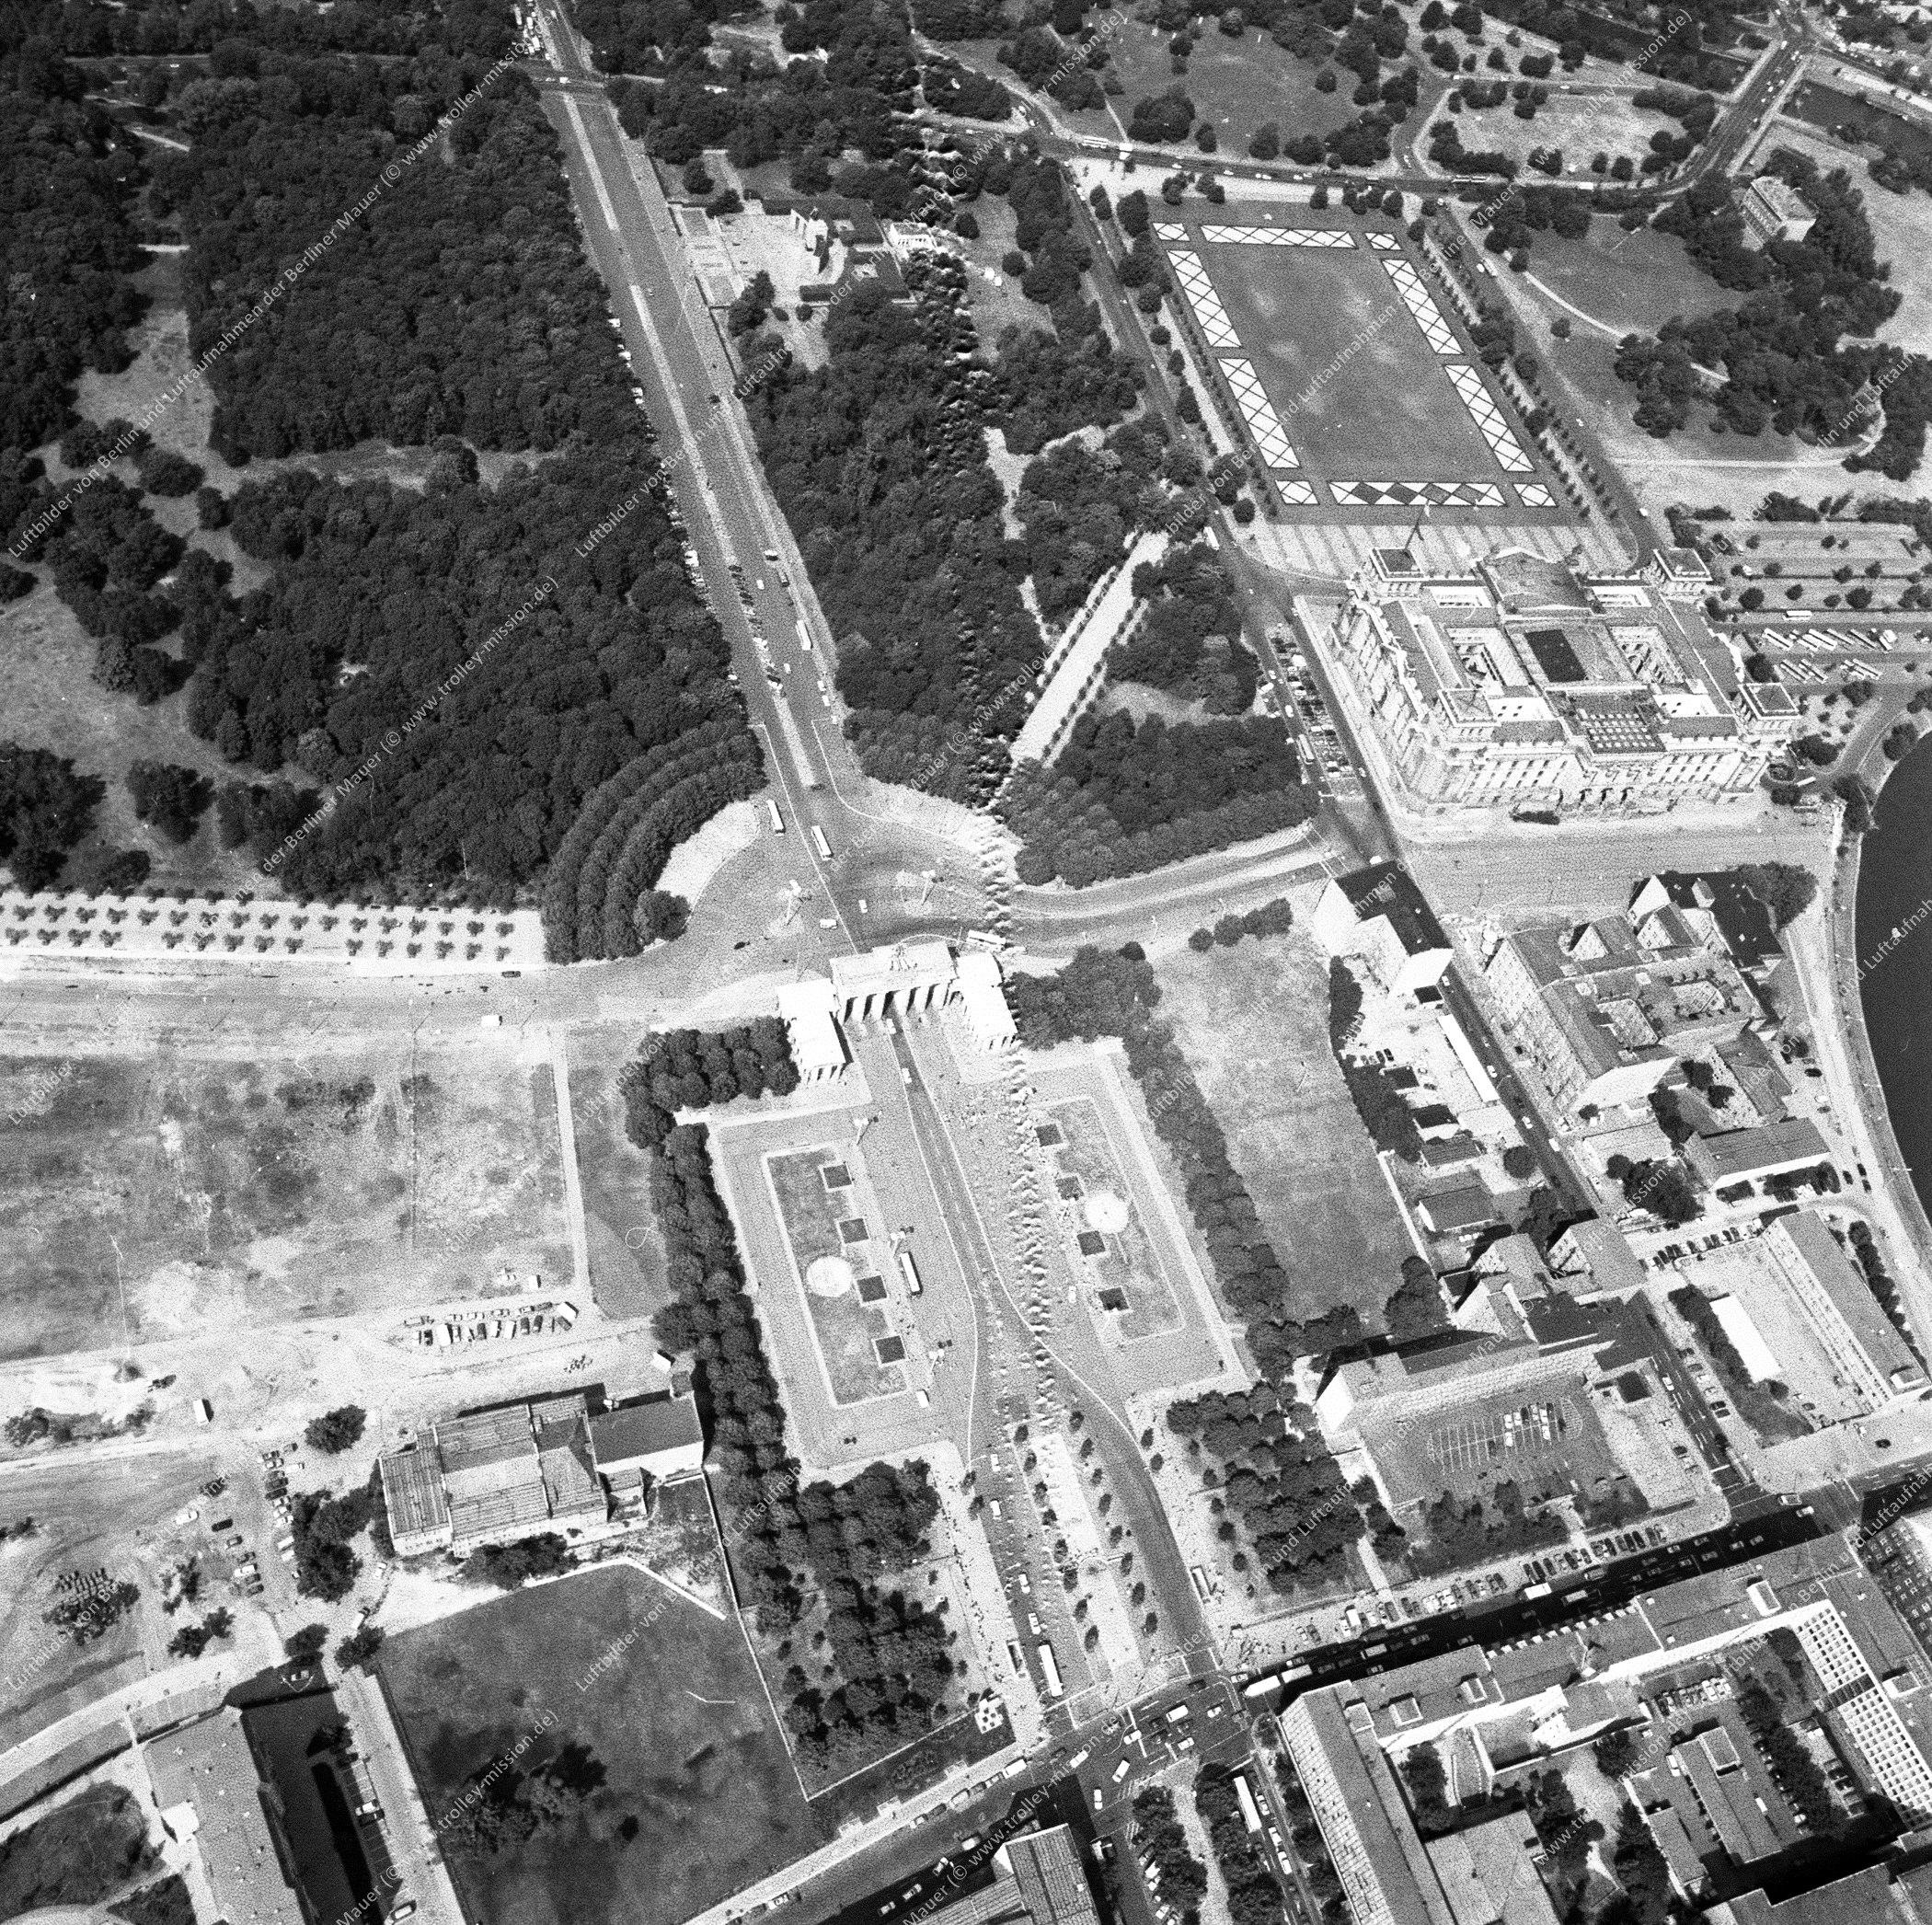 Reichstag, Brandenburger Tor und Paris Platz nach der deutschen Wiedervereinigung (Bild 128)